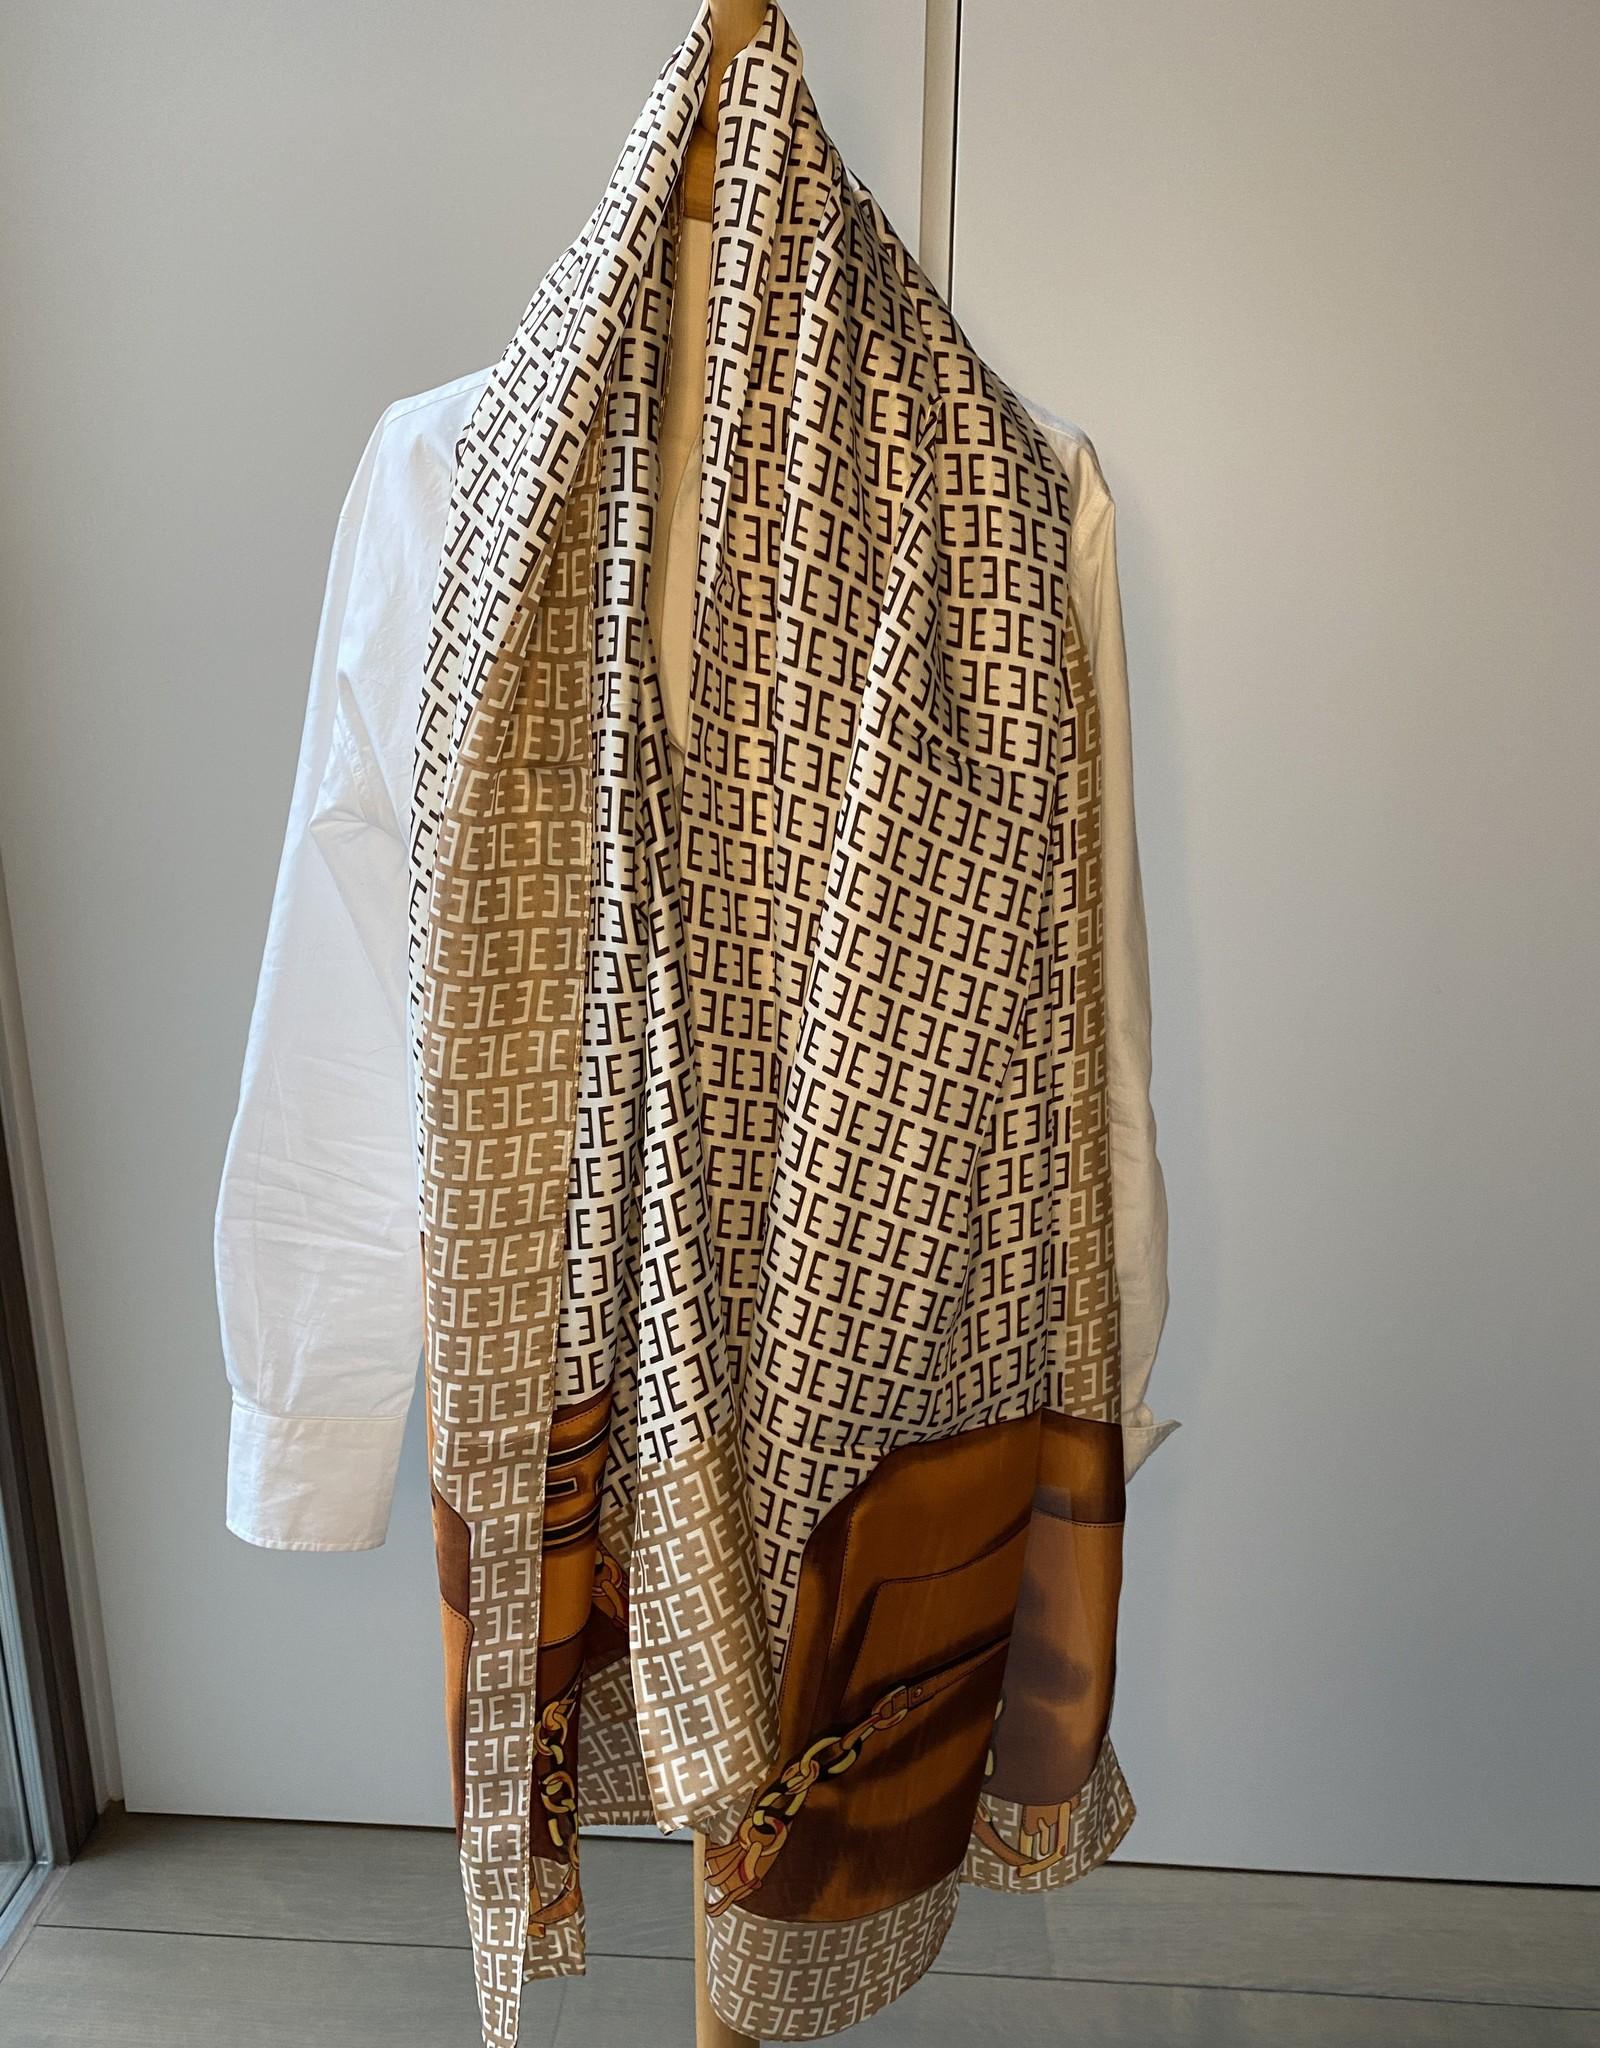 Langwerpige sjaal met F logo. Beige/bruin en oranje tinten.